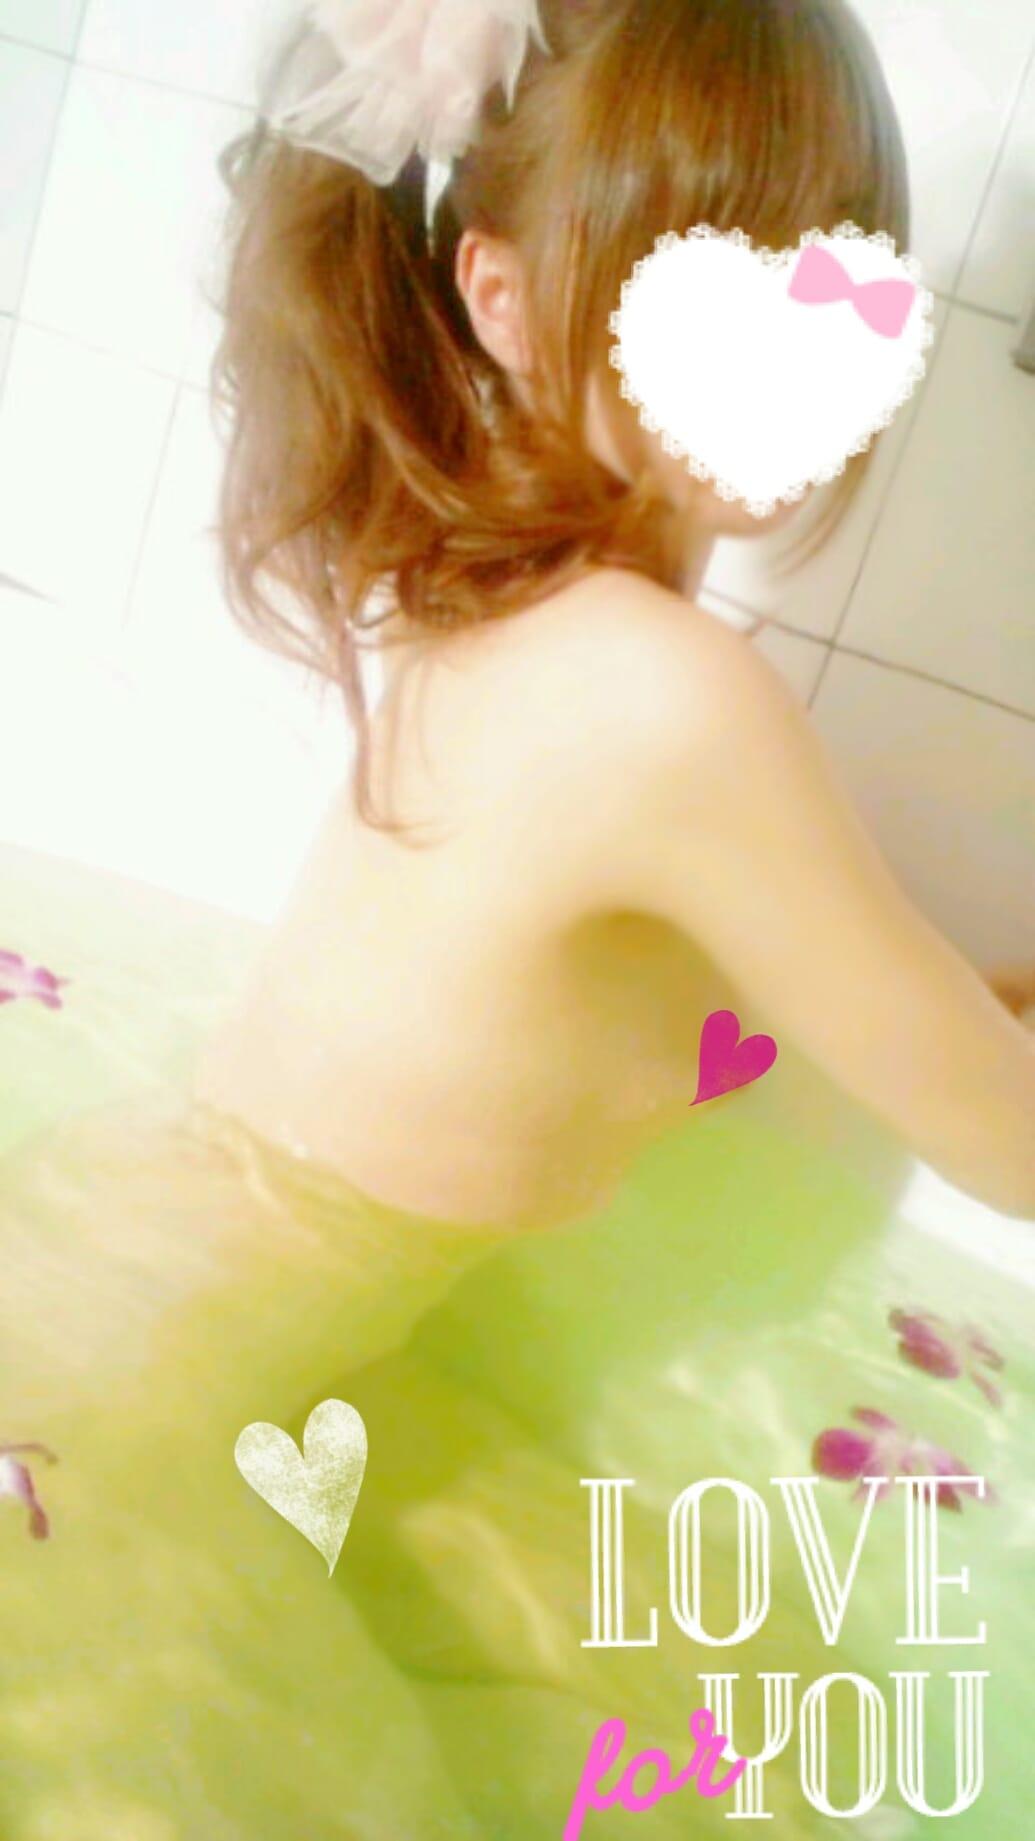 「Eve★log[こんばんは♡]」11/18(11/18) 19:08 | イヴの写メ・風俗動画